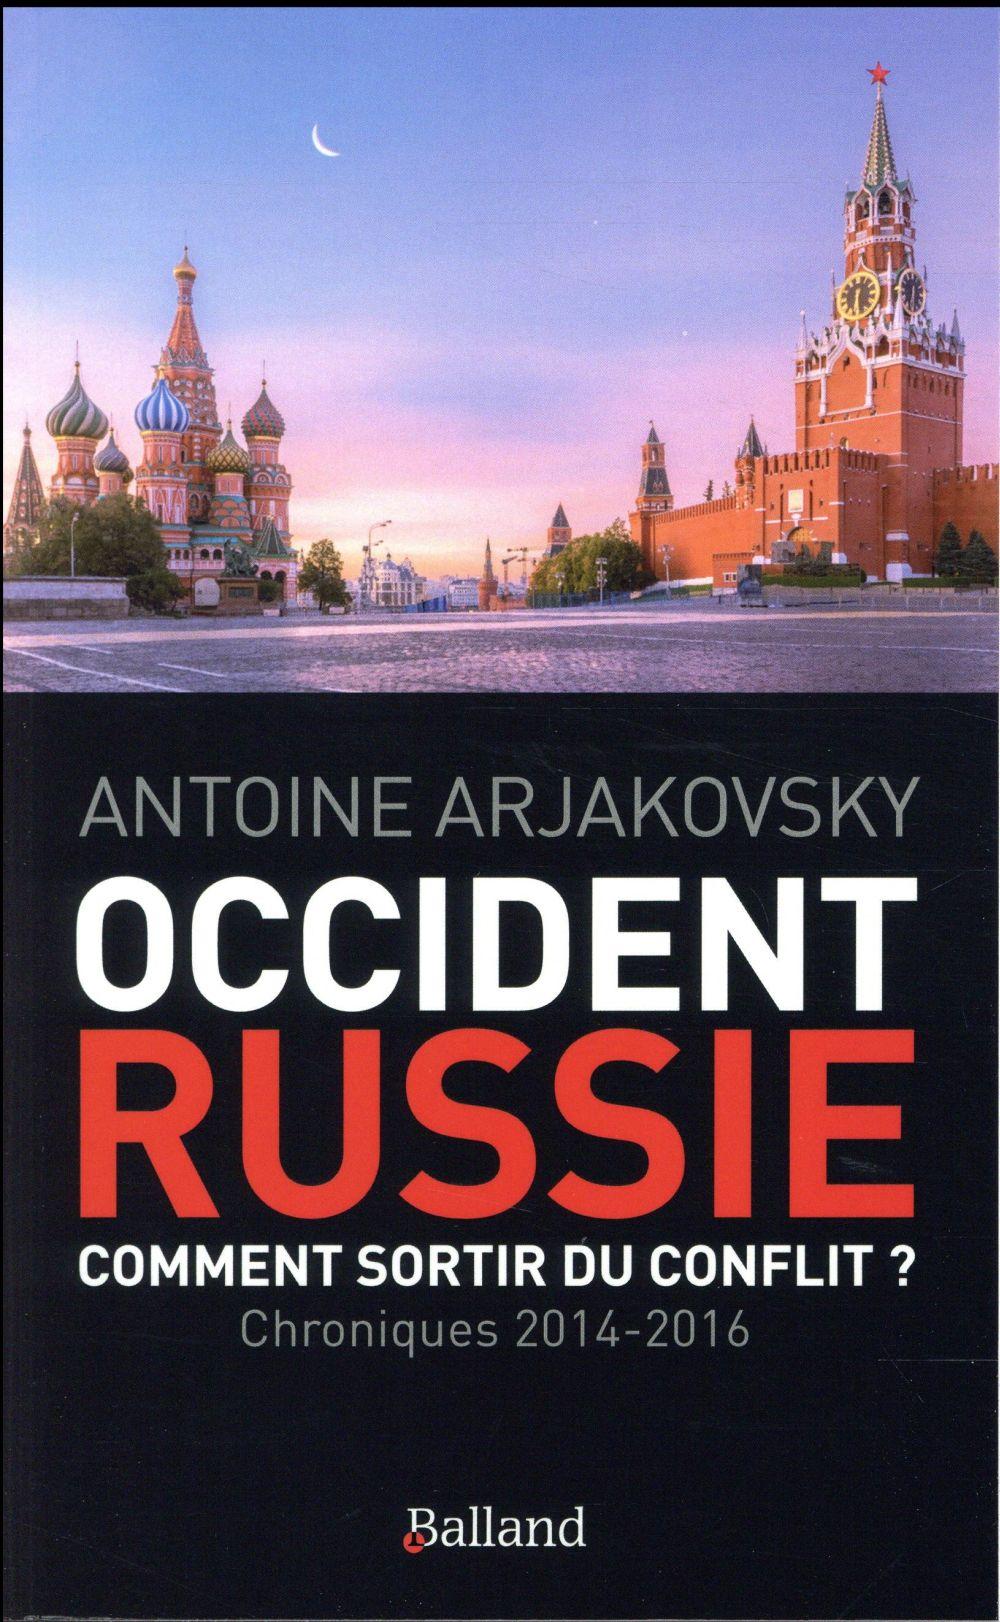 OCCIDENT-RUSSIE. COMMENT SORTIR DU CONFLIT ?